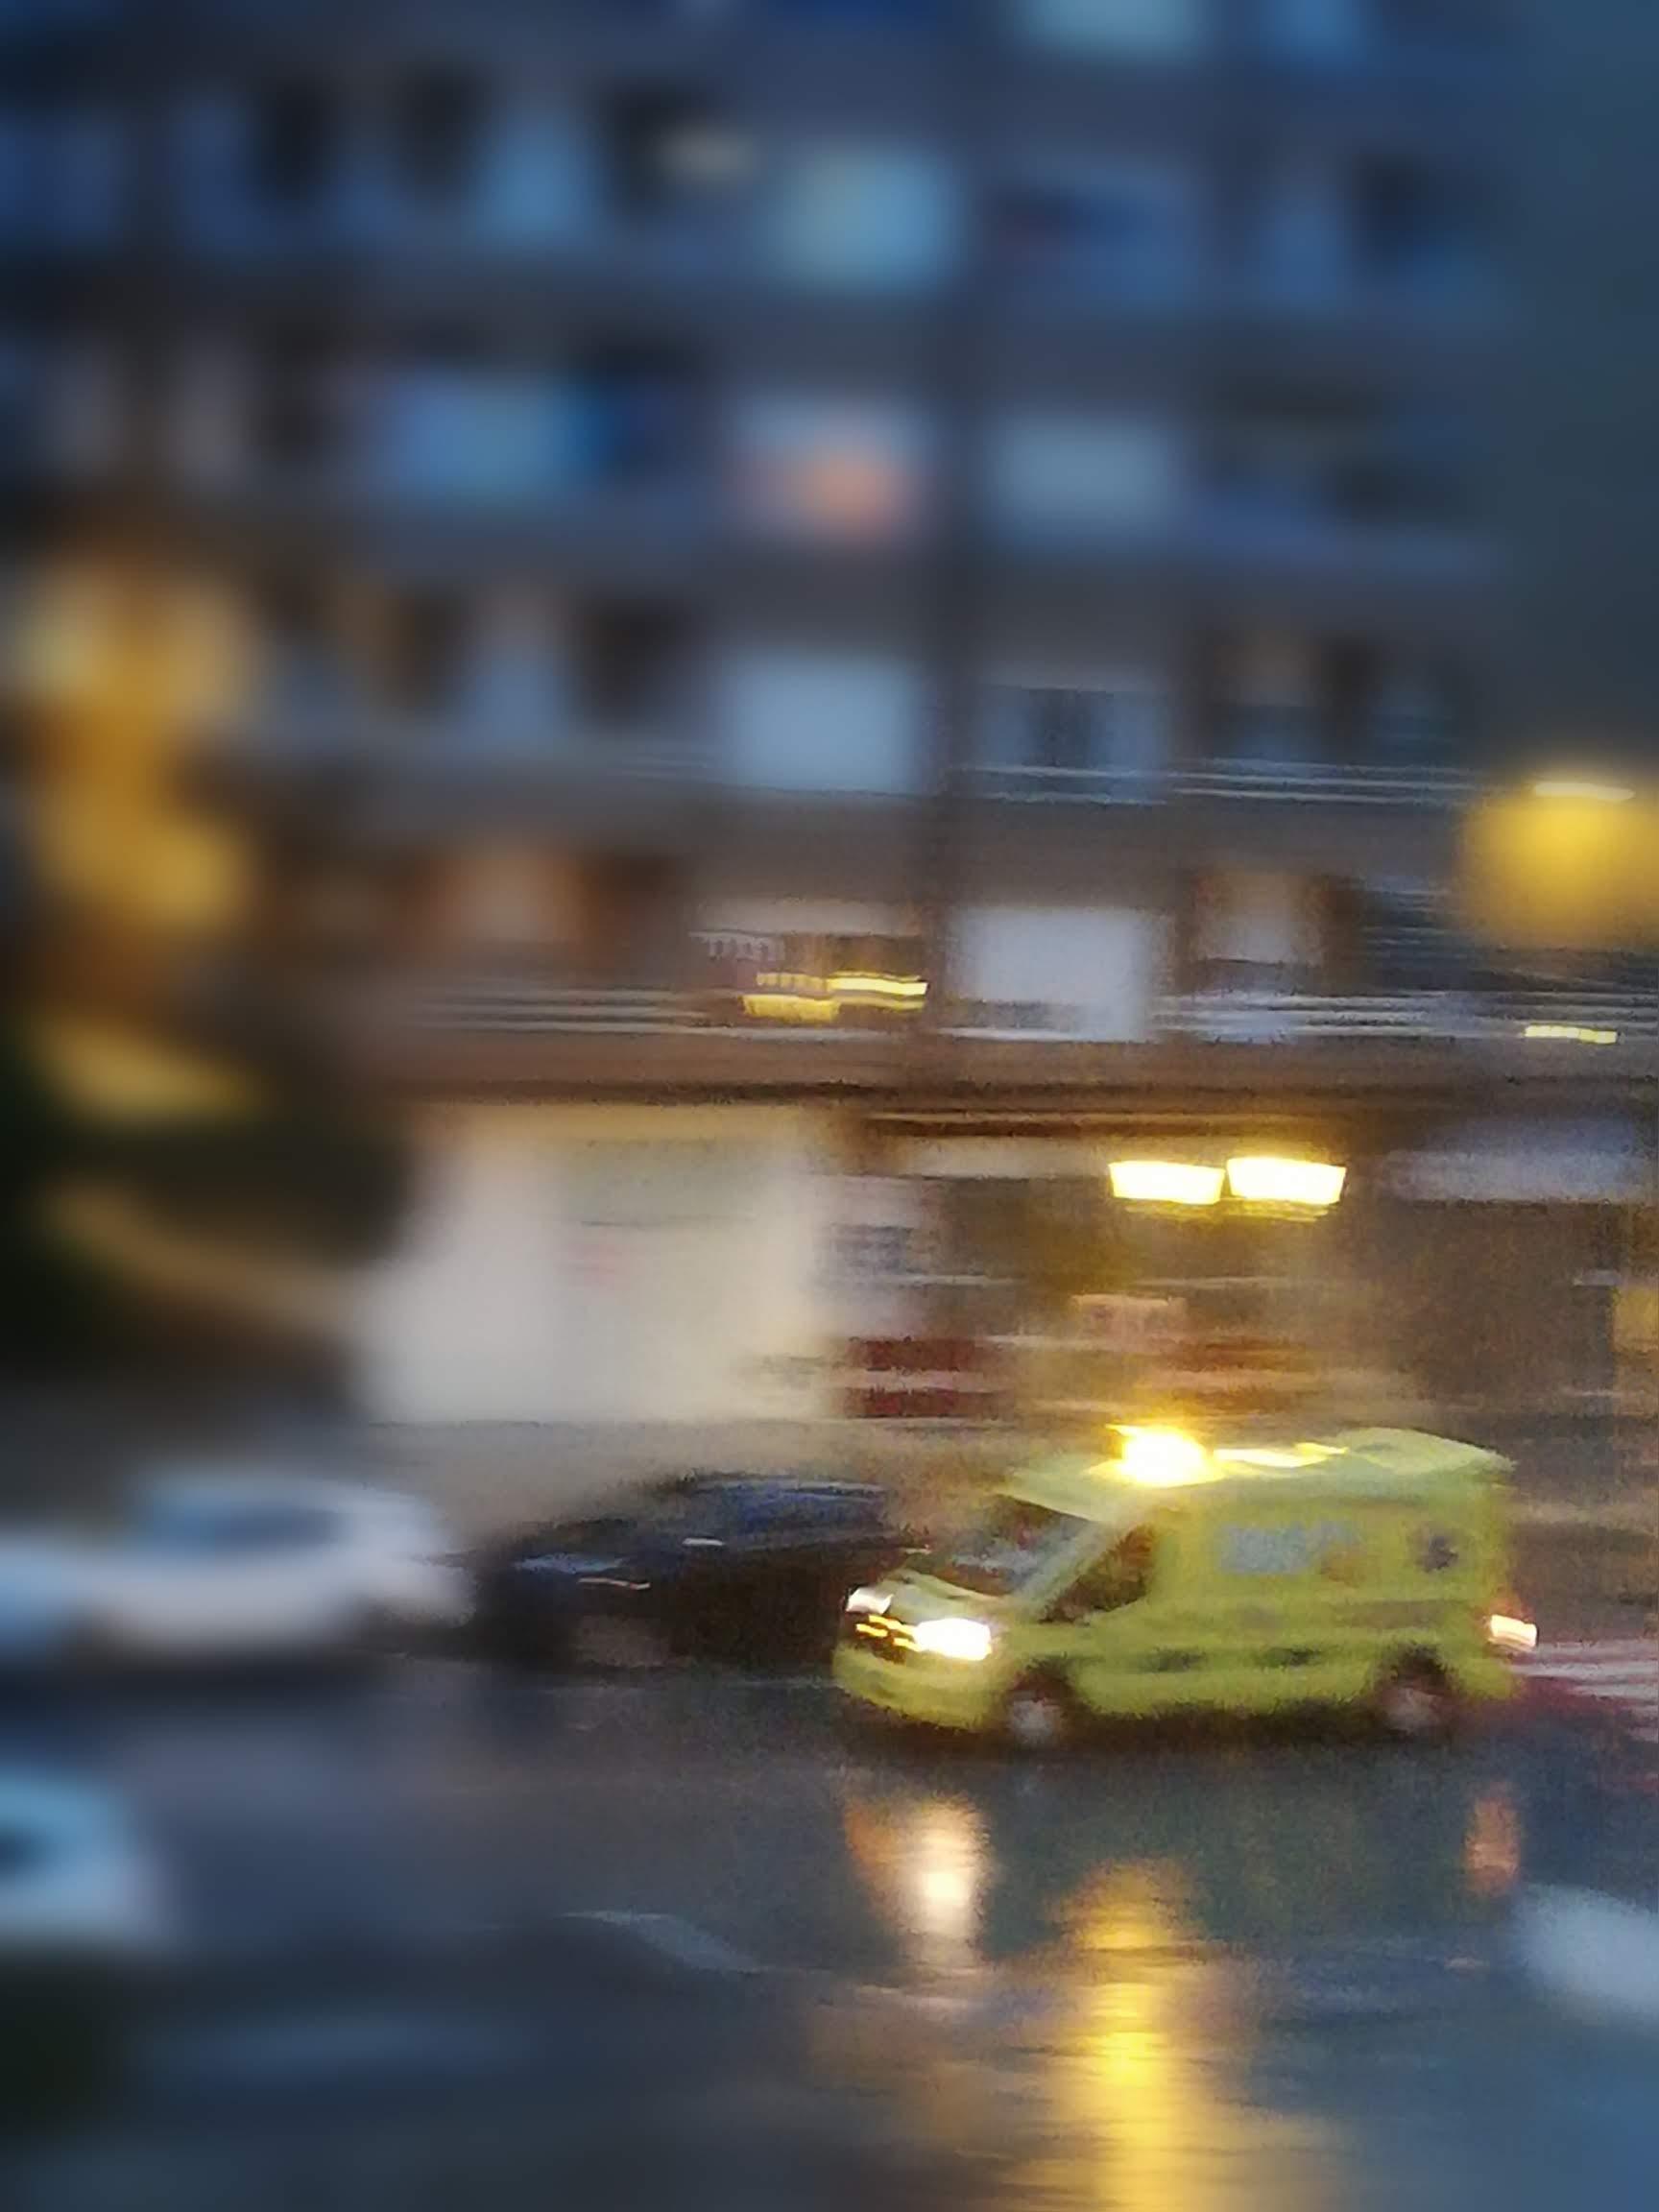 una ambulancia con las luces